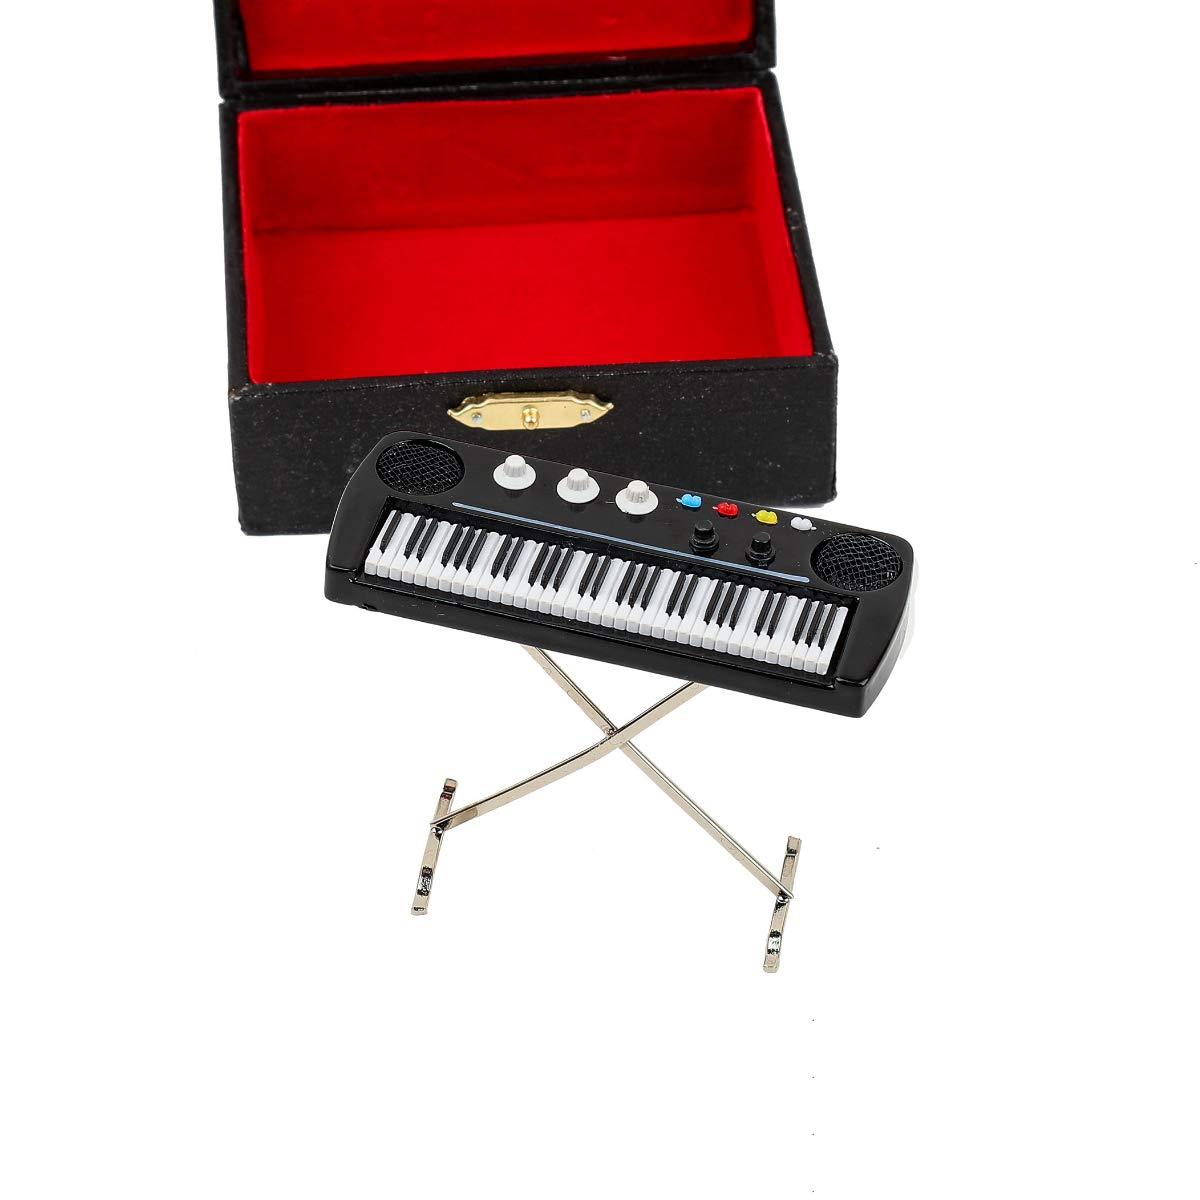 Amazon.com: Seawoo - Miniatura electrónica con estuche, mini ...